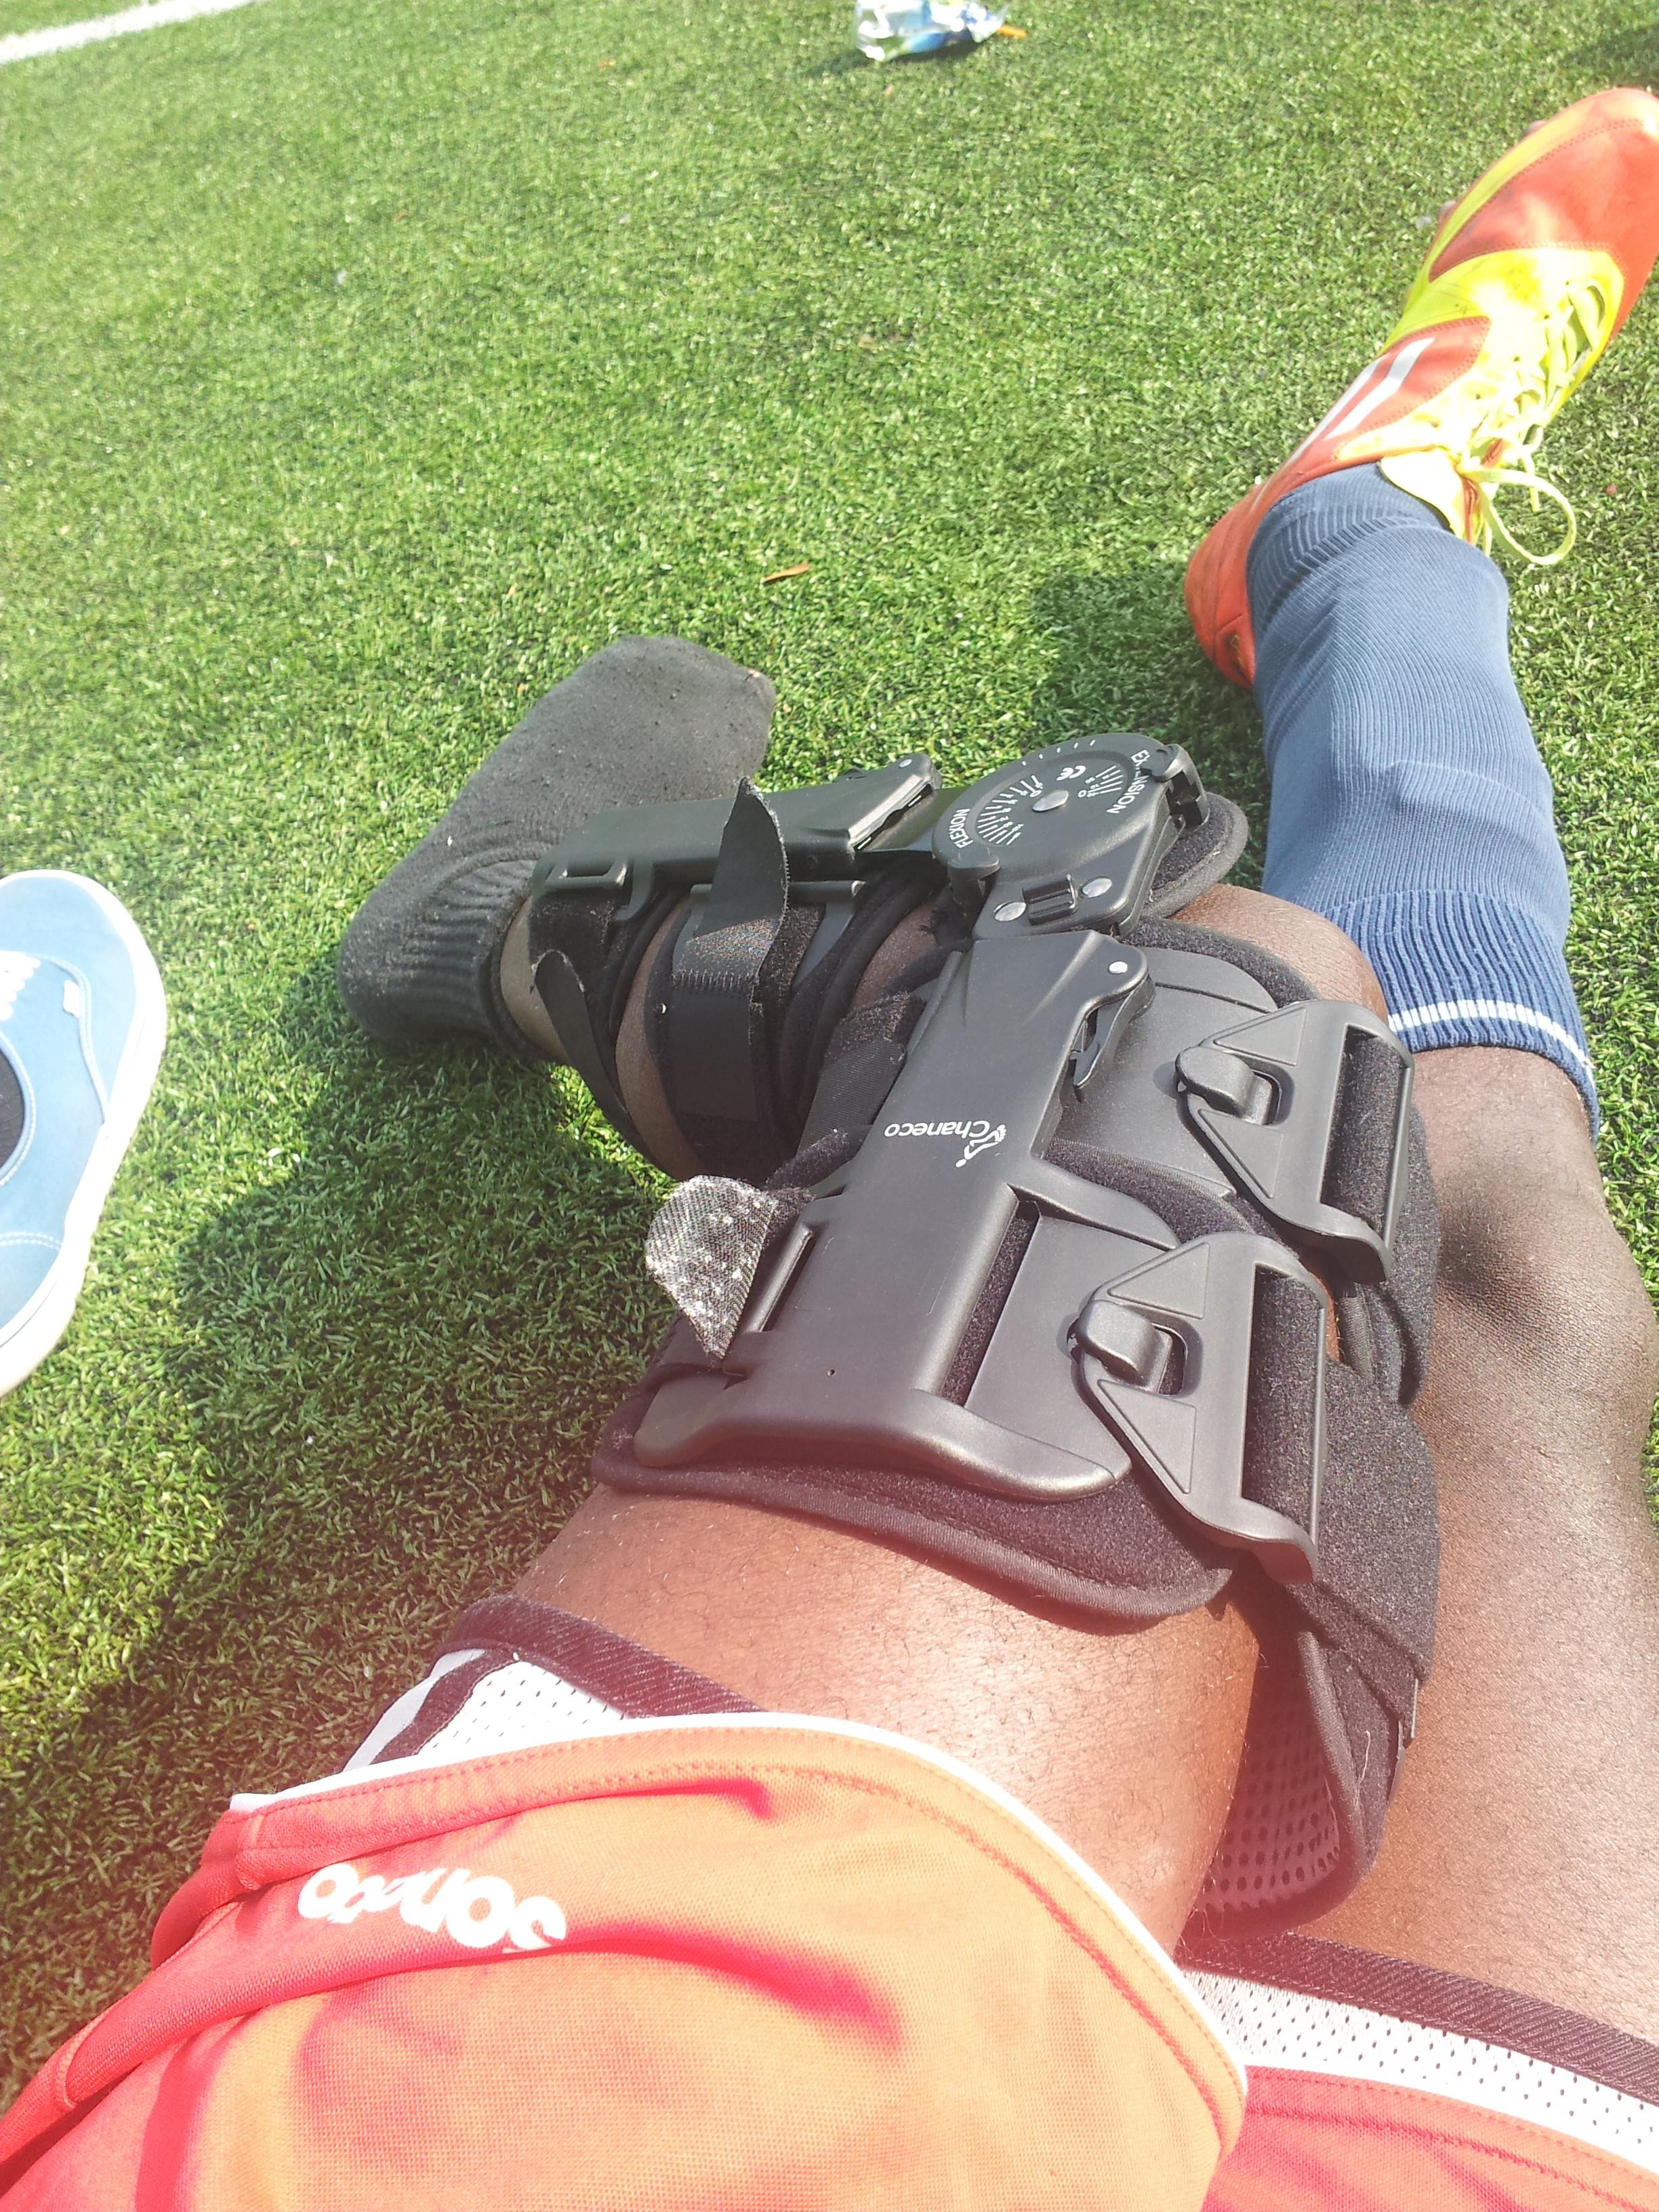 Borrowed Knee brace